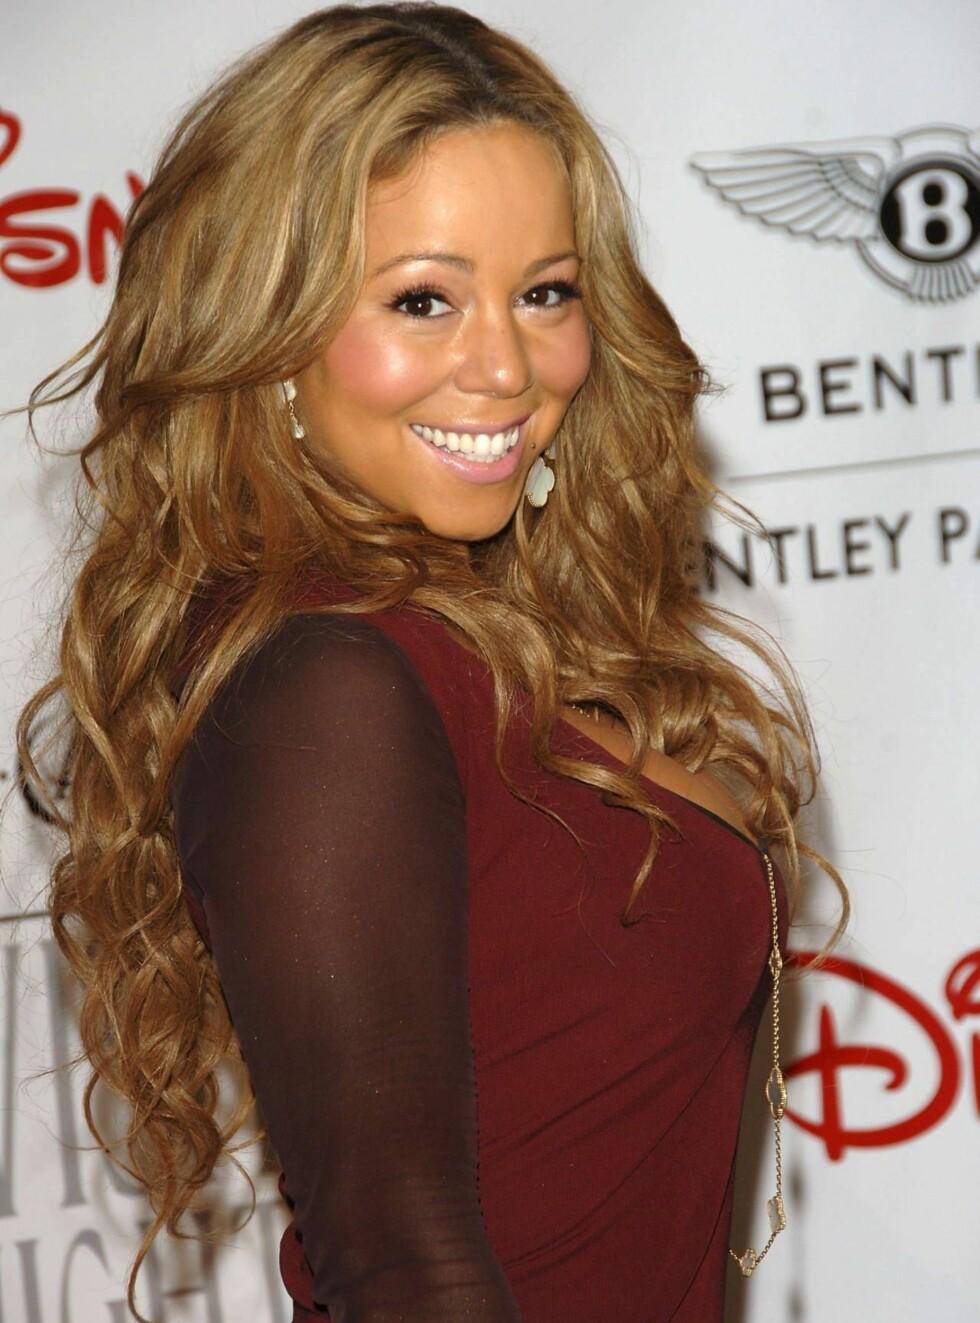 EKSENTRISK: Mariah Carey har mye rart for seg... Foto: All Over Press